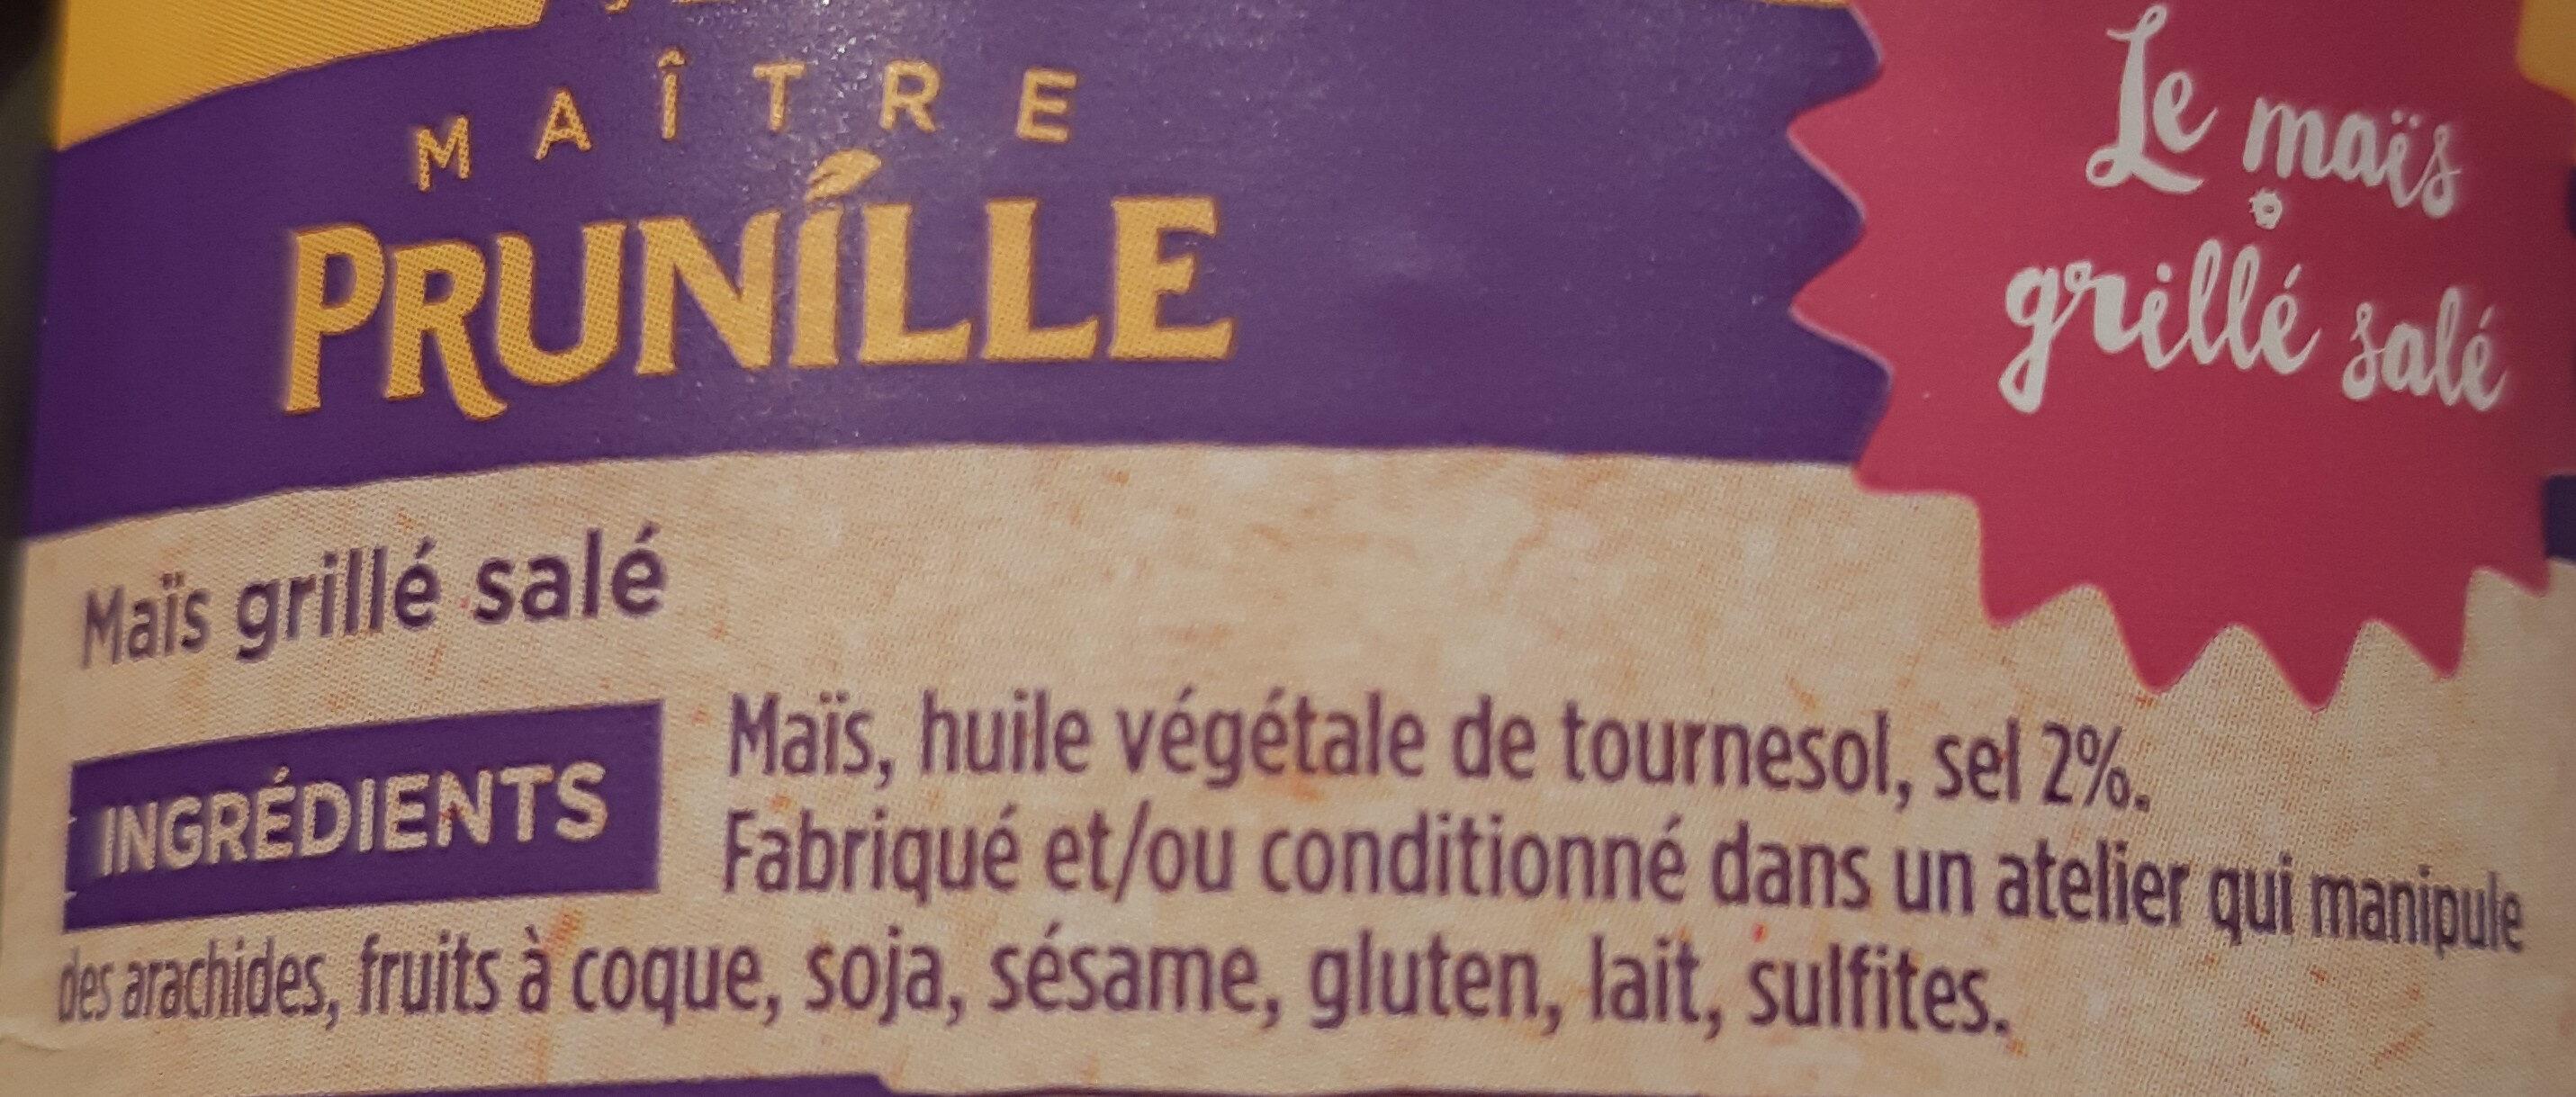 maïs grillé - Ingrédients - fr